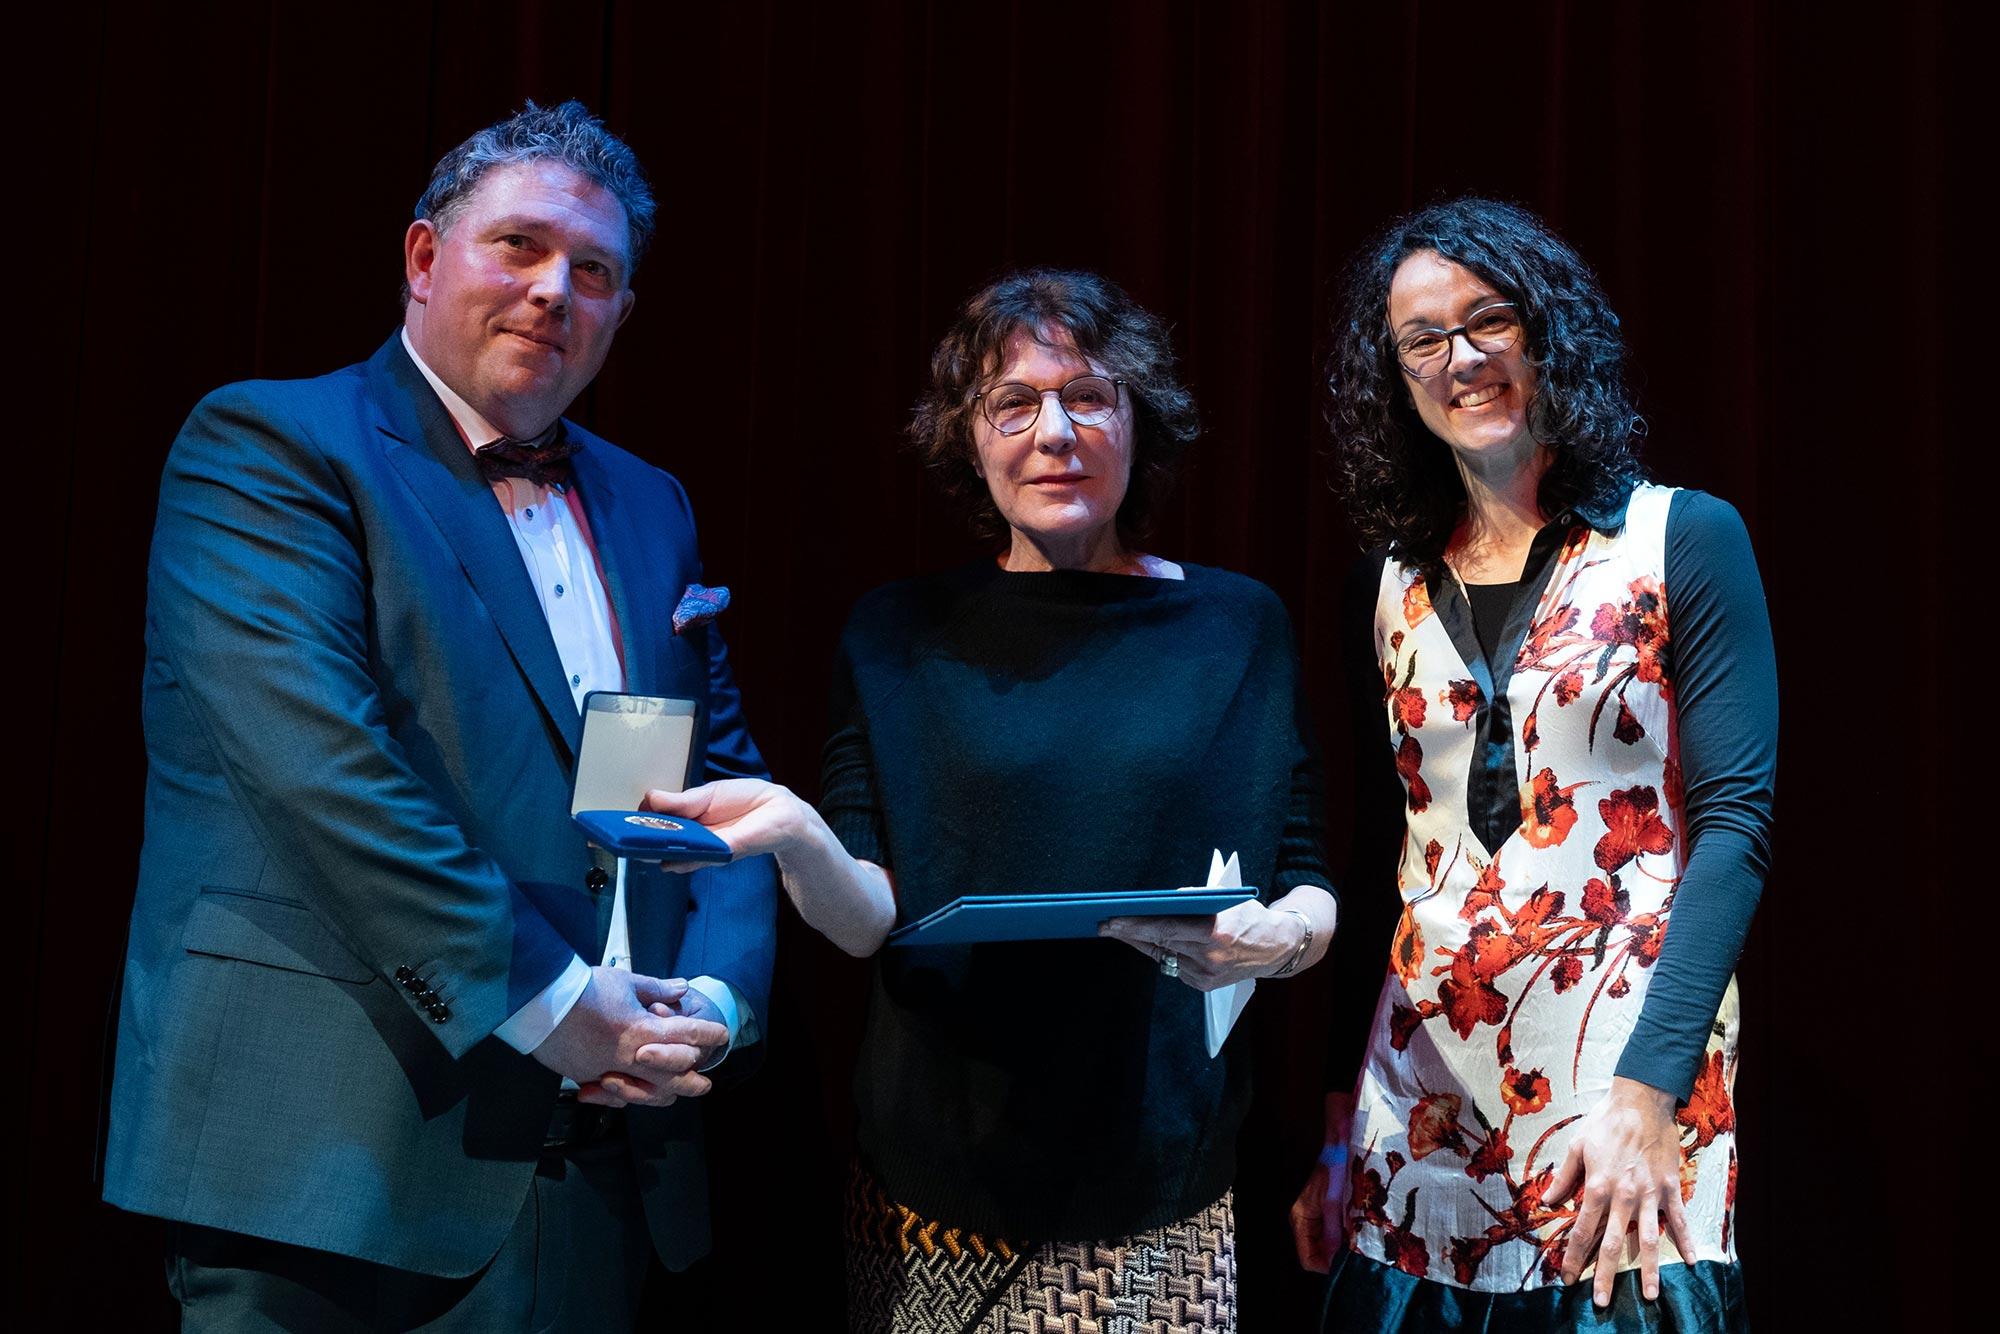 Dr. Marcus Kiefer, Katrin Brack, Staatsministerin Angela Dorn